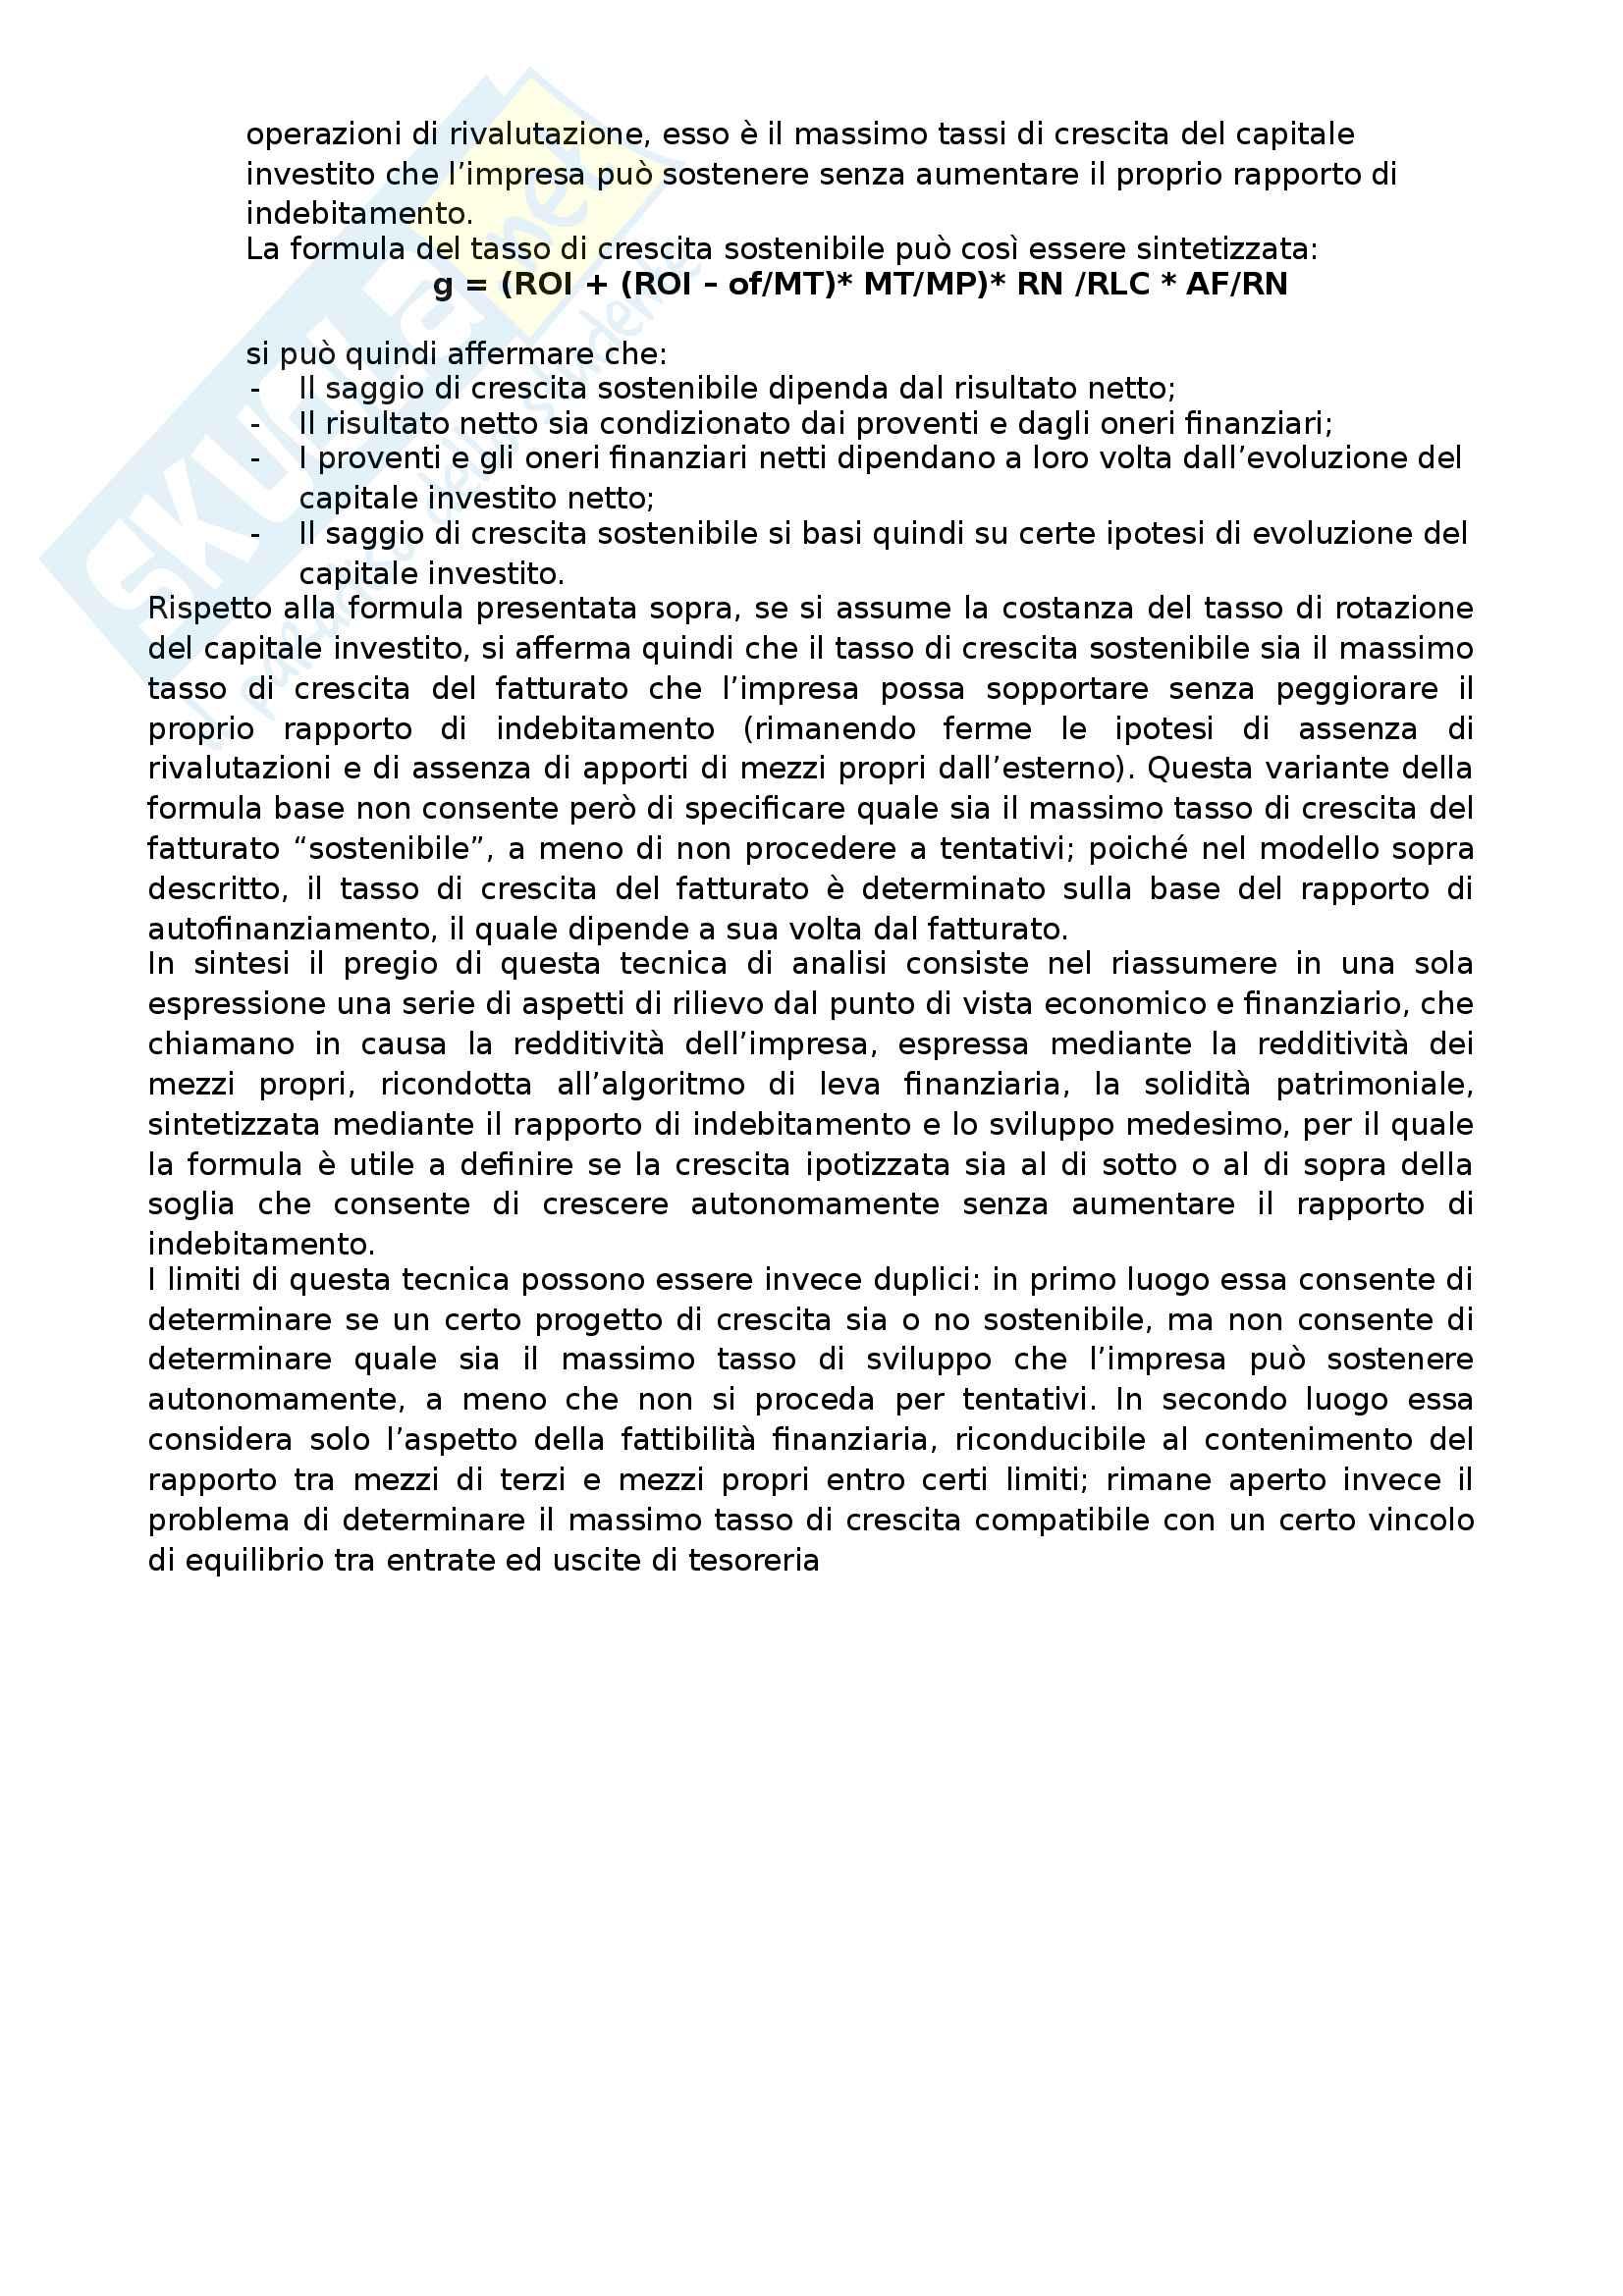 Apppunti di Metodologie 2 (bilancio consolidato e analisi di bilancio) + temi d'esame svolti Pag. 106